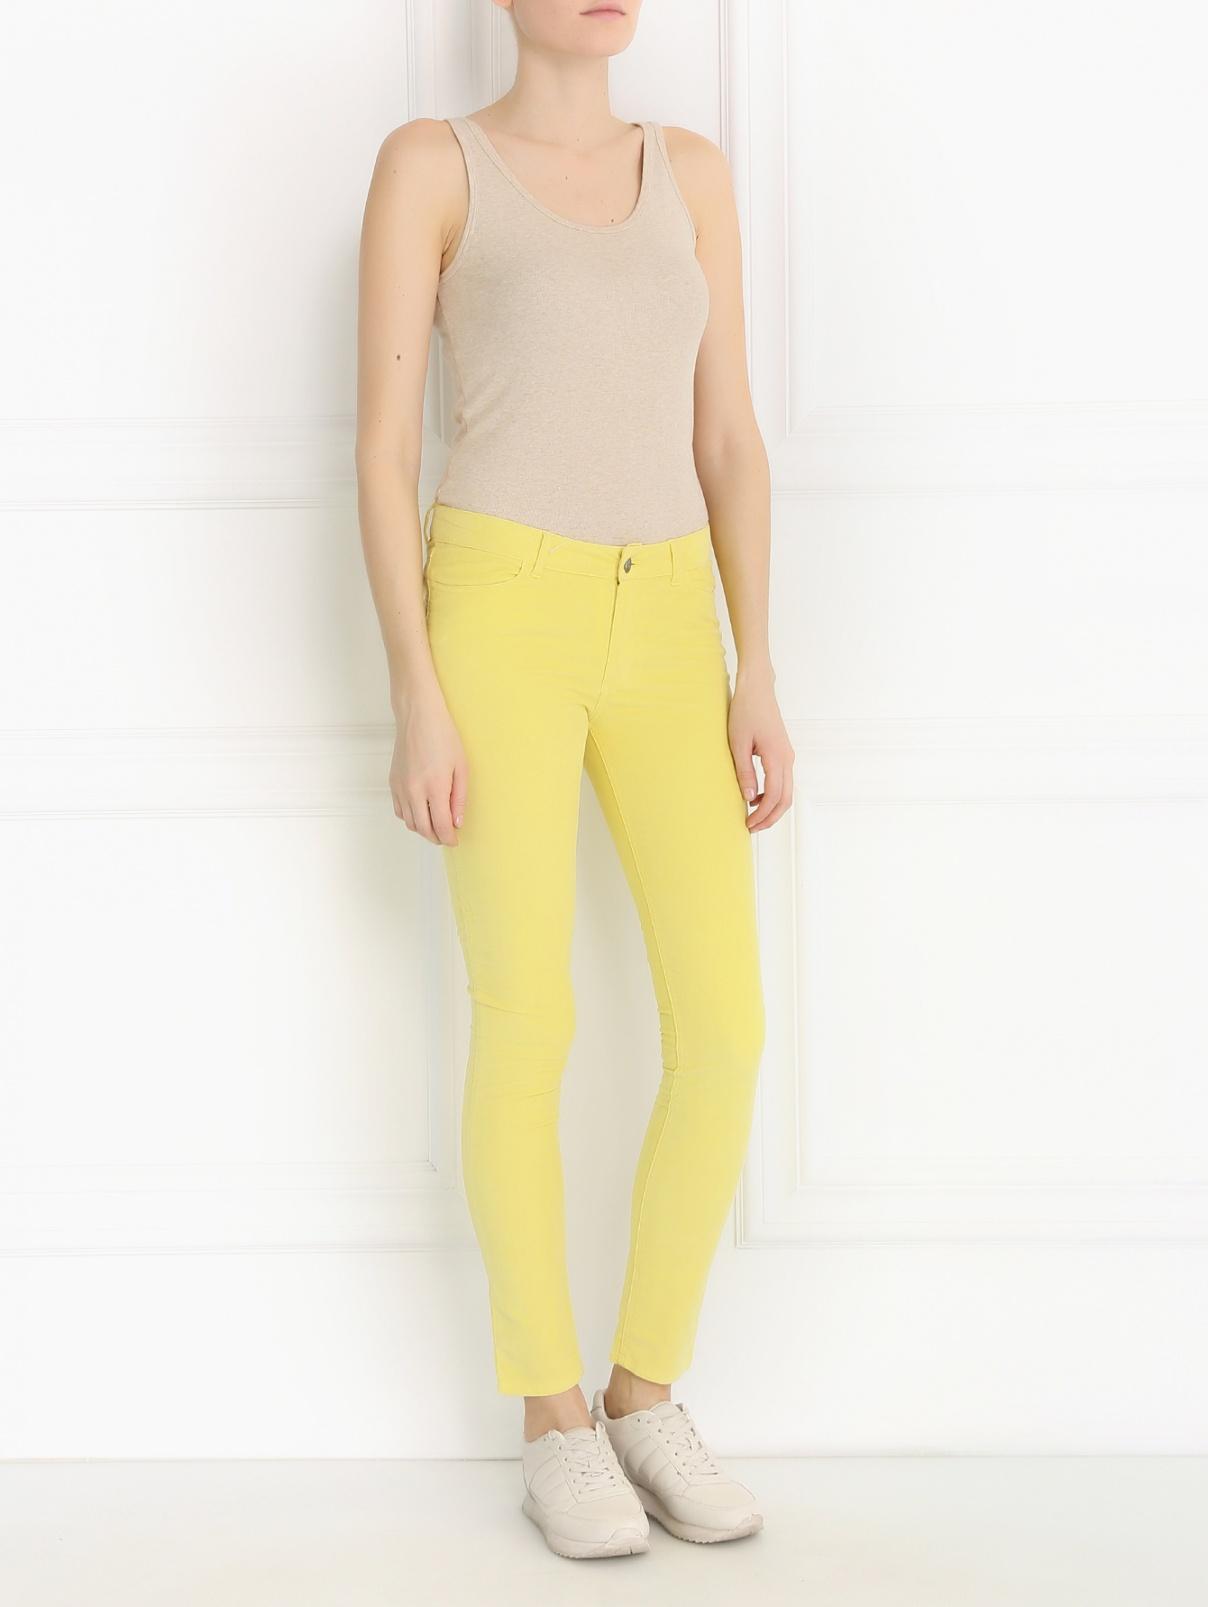 Зауженные брюки из микровельвета American Retro  –  Модель Общий вид  – Цвет:  Желтый